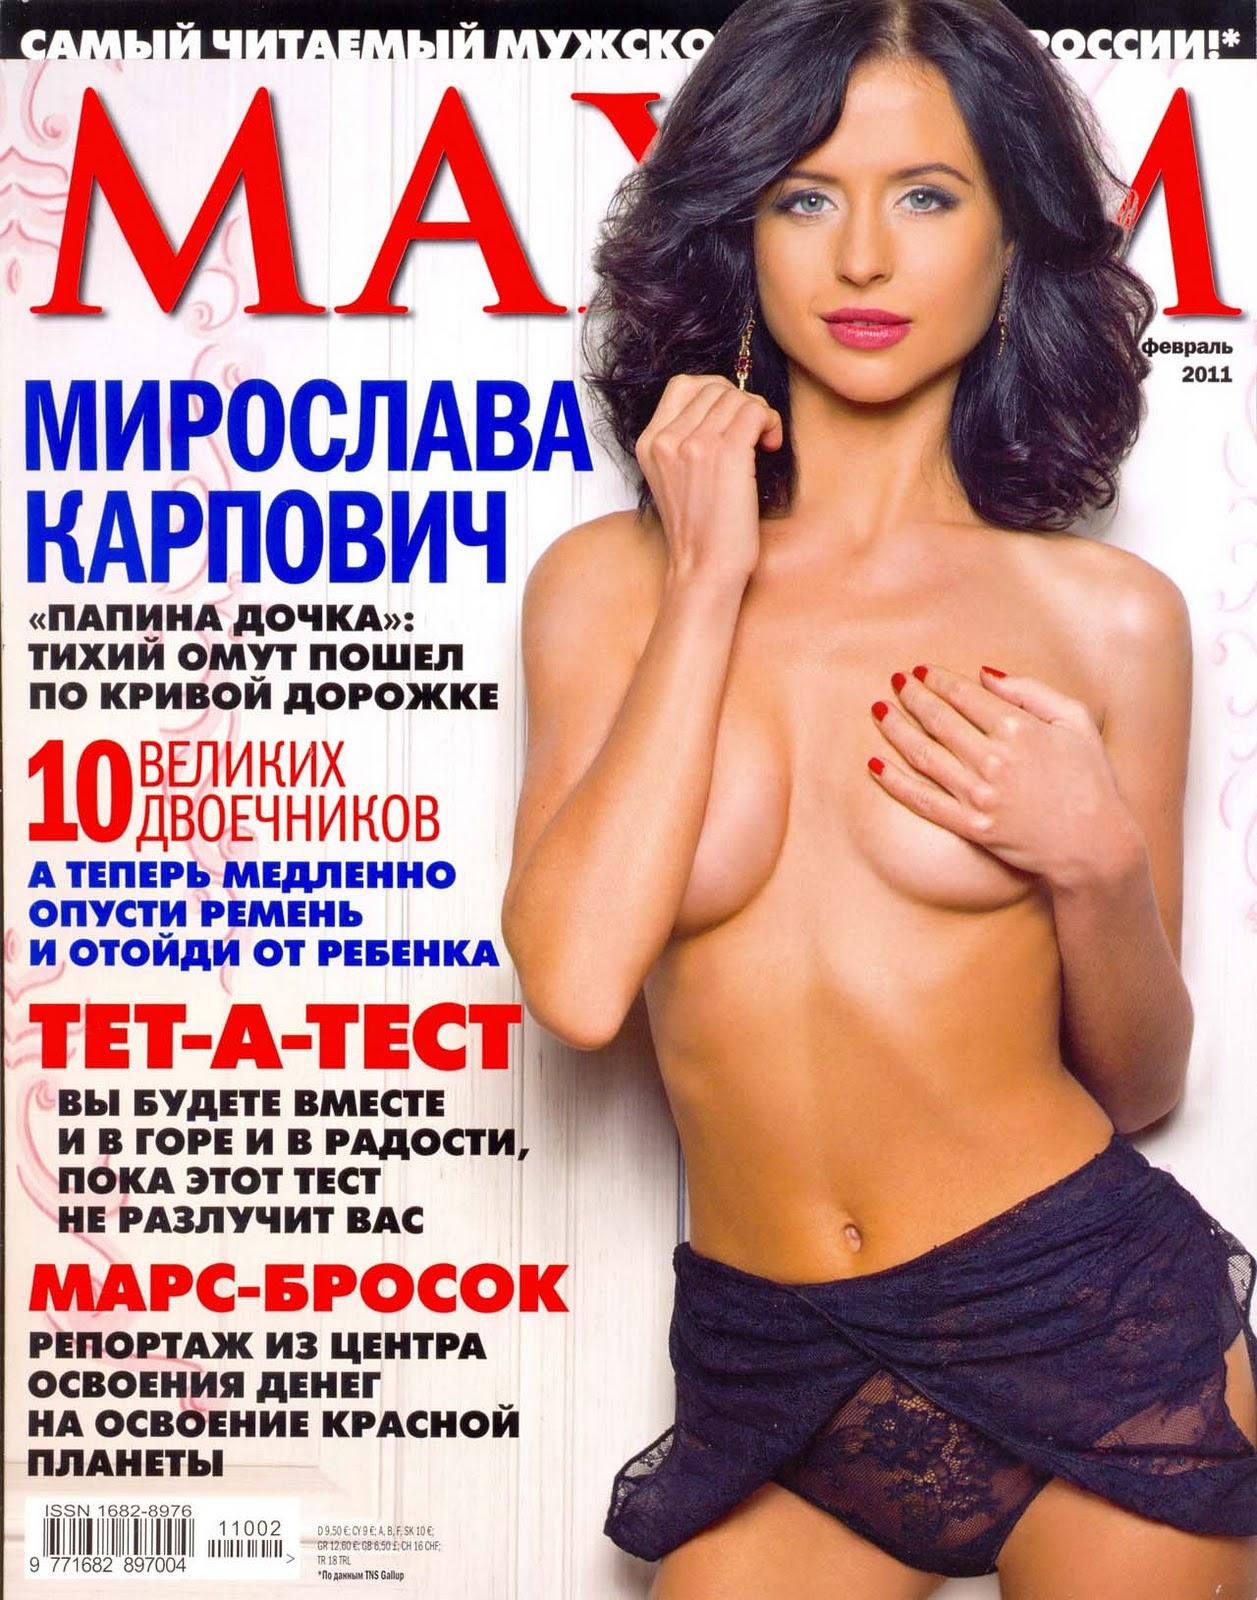 Журнал Maxim 2004